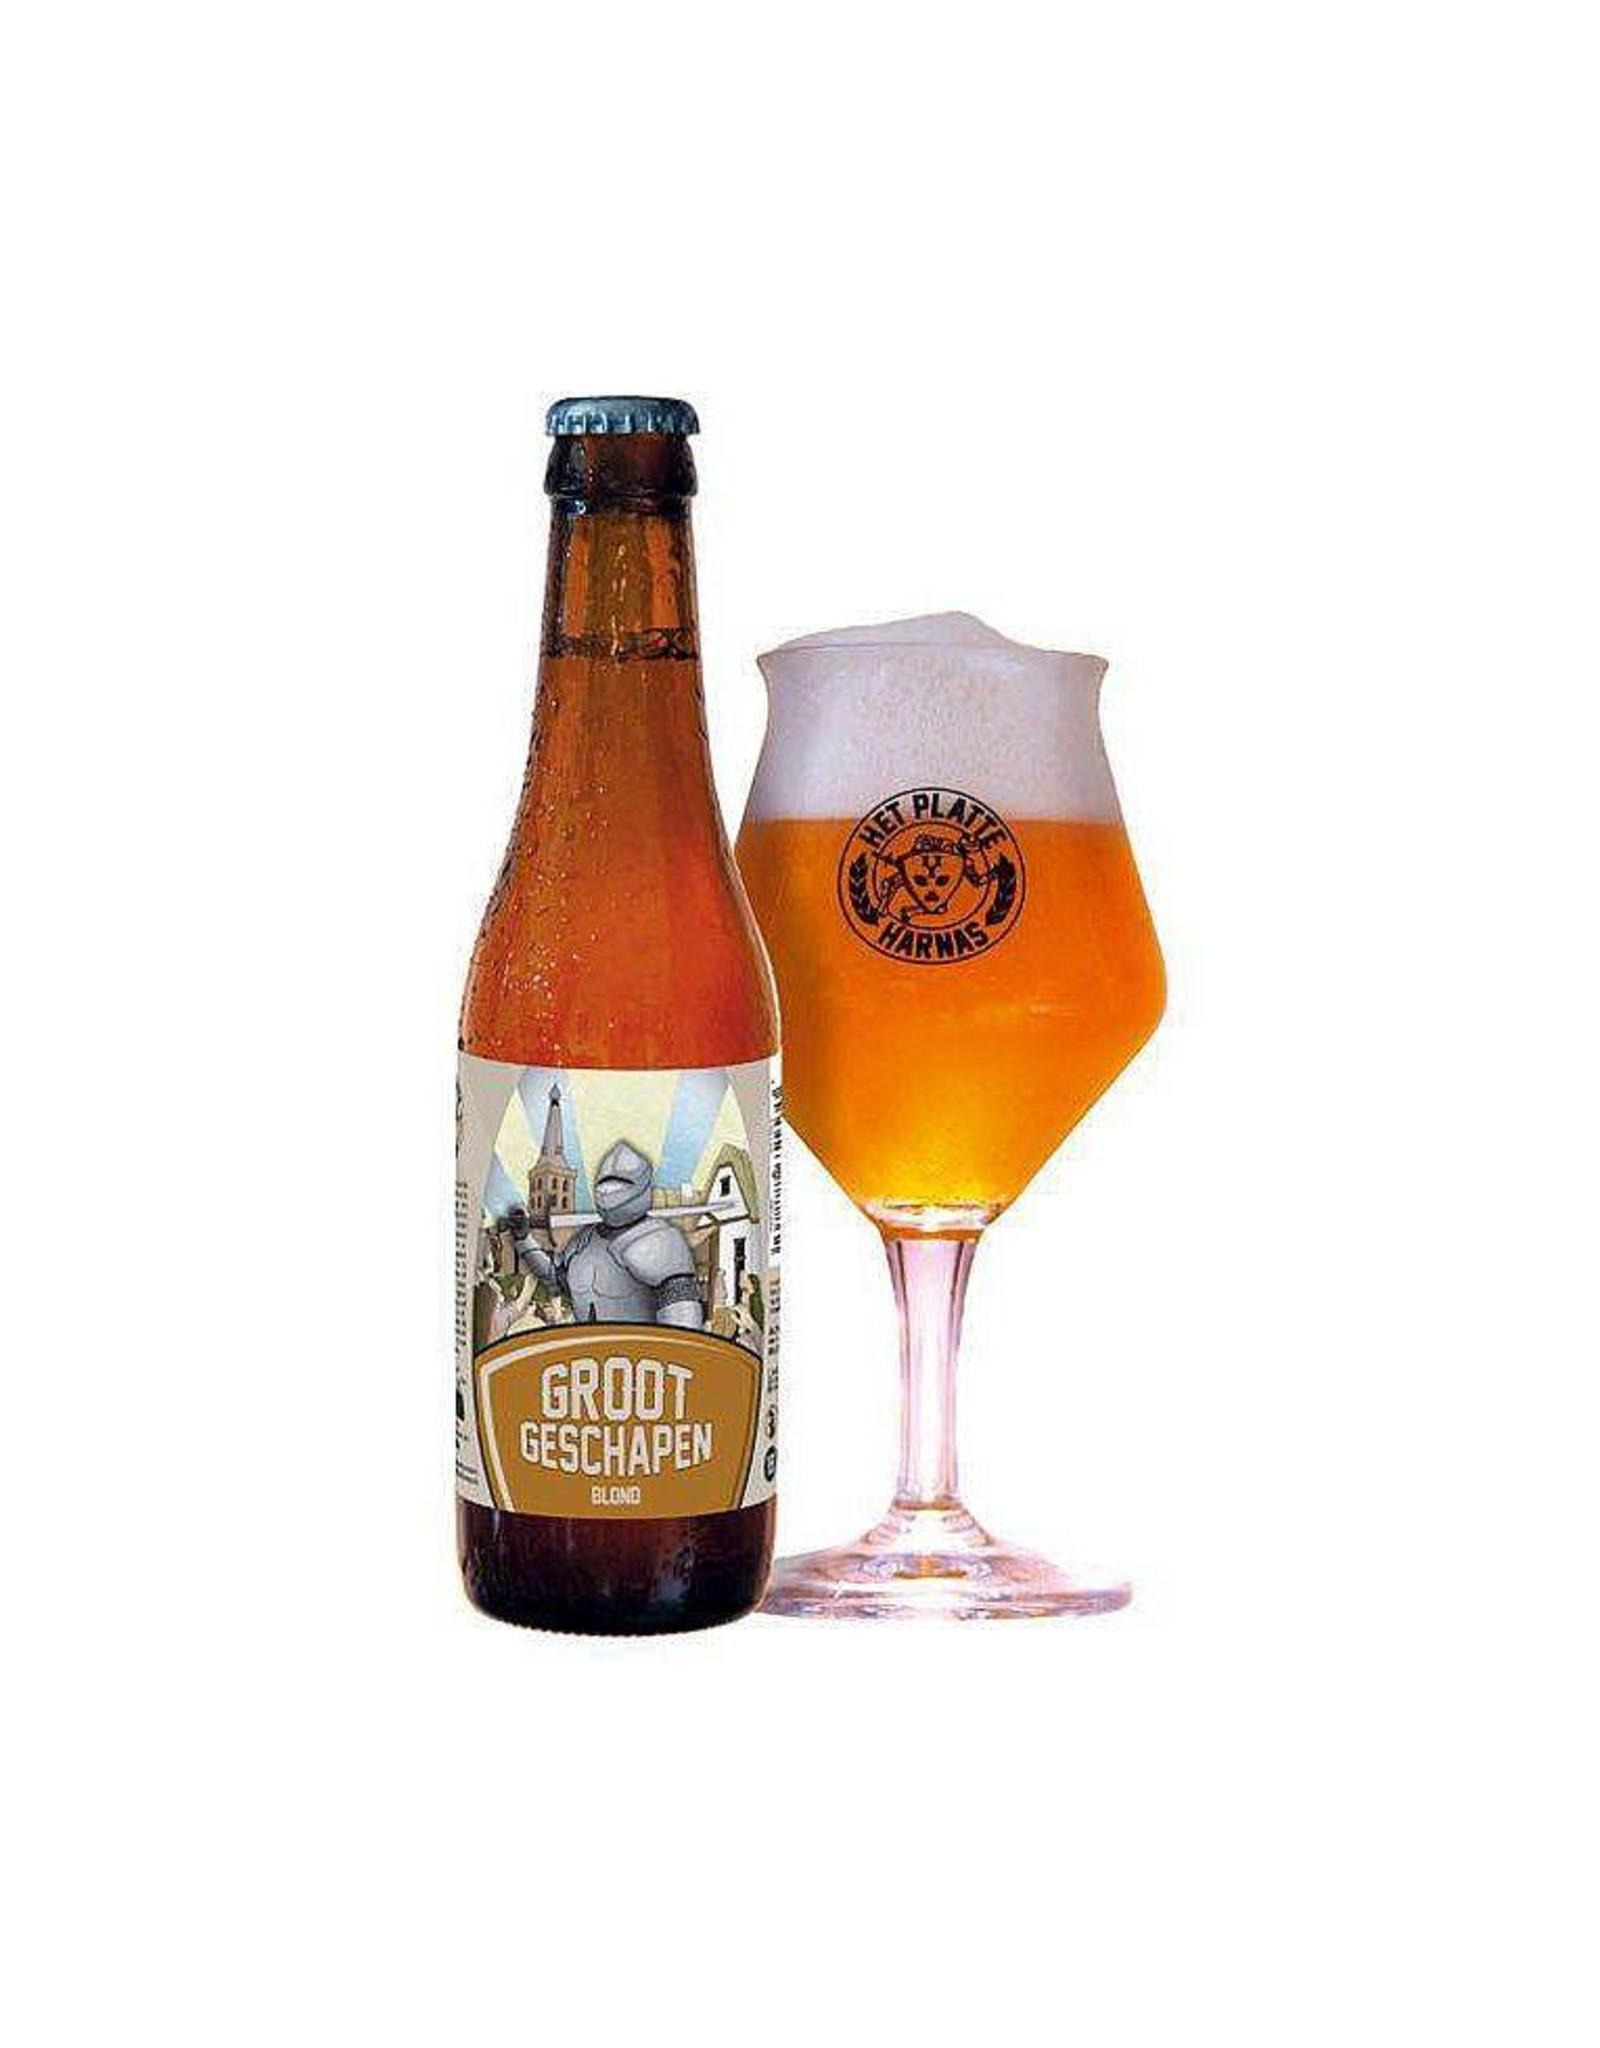 Brouwerij Het Platte Harnas Groot Geschapen-Blond 33cl.